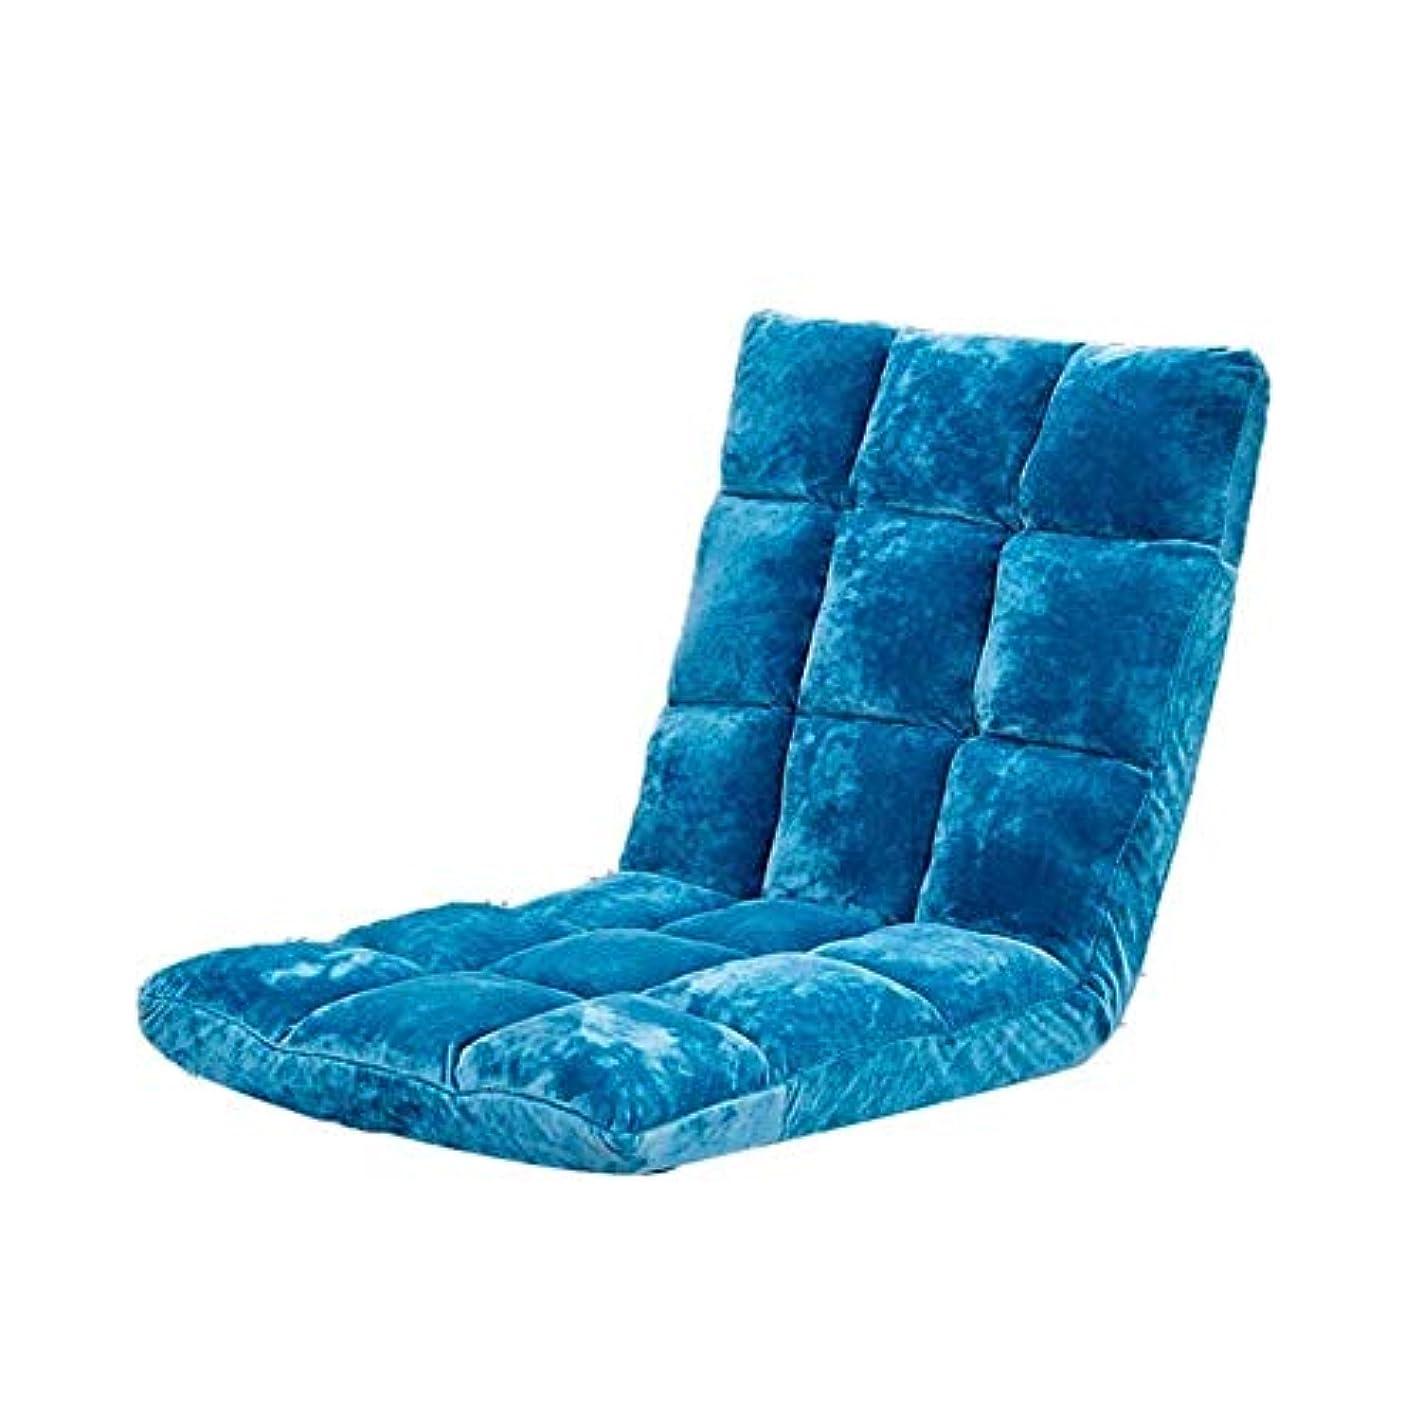 返還ゼリーカード瞑想チェア、シングルレイジーソファ、折りたたみ式バルコニーフロアチェア、畳コンピューターチェア、ベイウィンドウチェア (Color : 青)